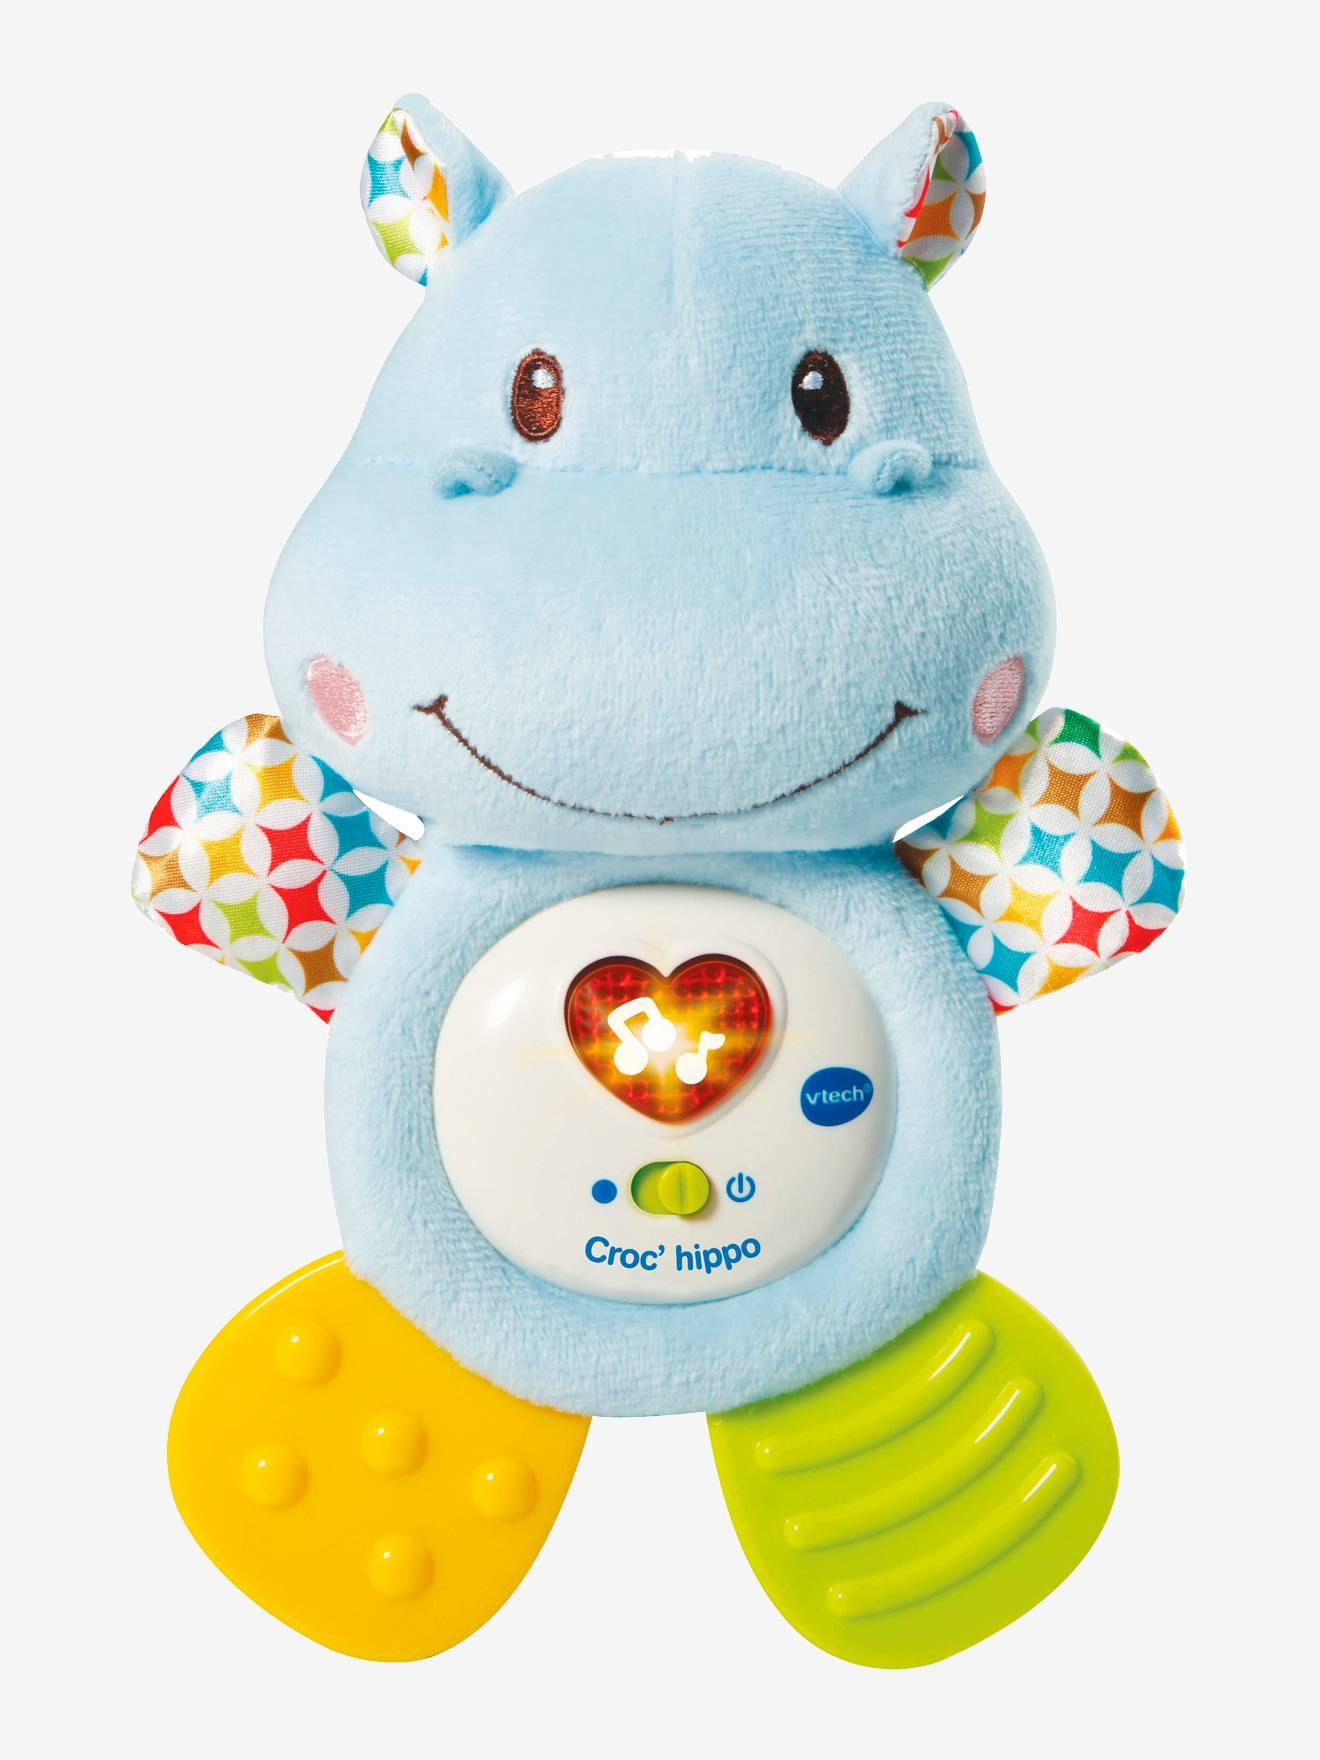 Croc'hippo VTECH bleu